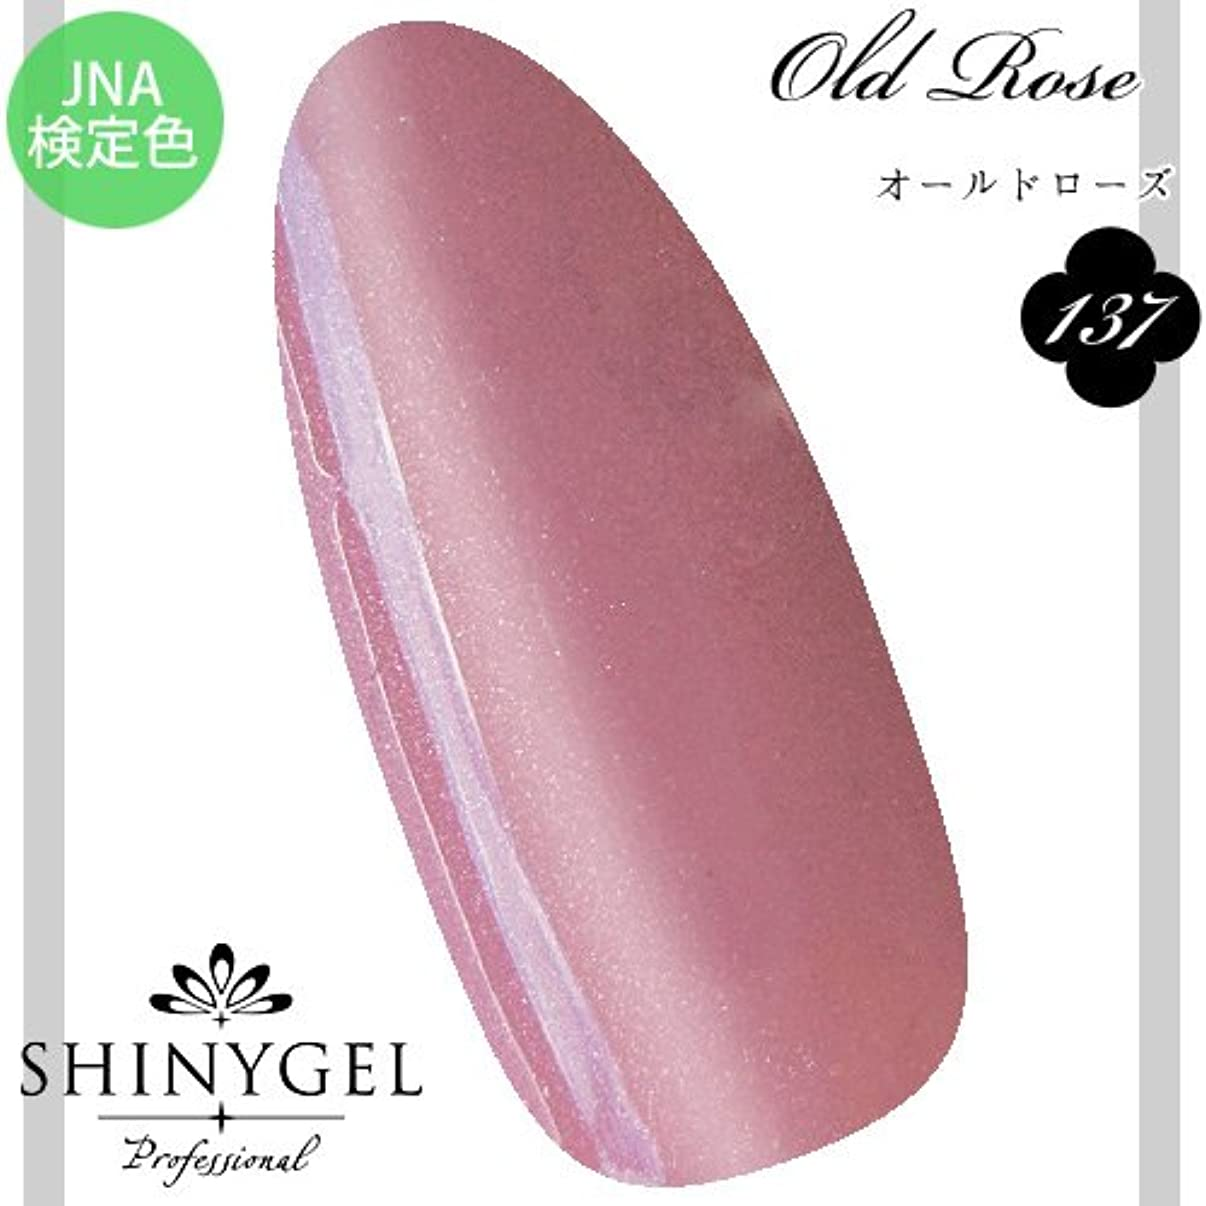 会計マニア肝SHINY GEL カラージェル 137 4g オールドローズ UV/LED対応 JNA検定色